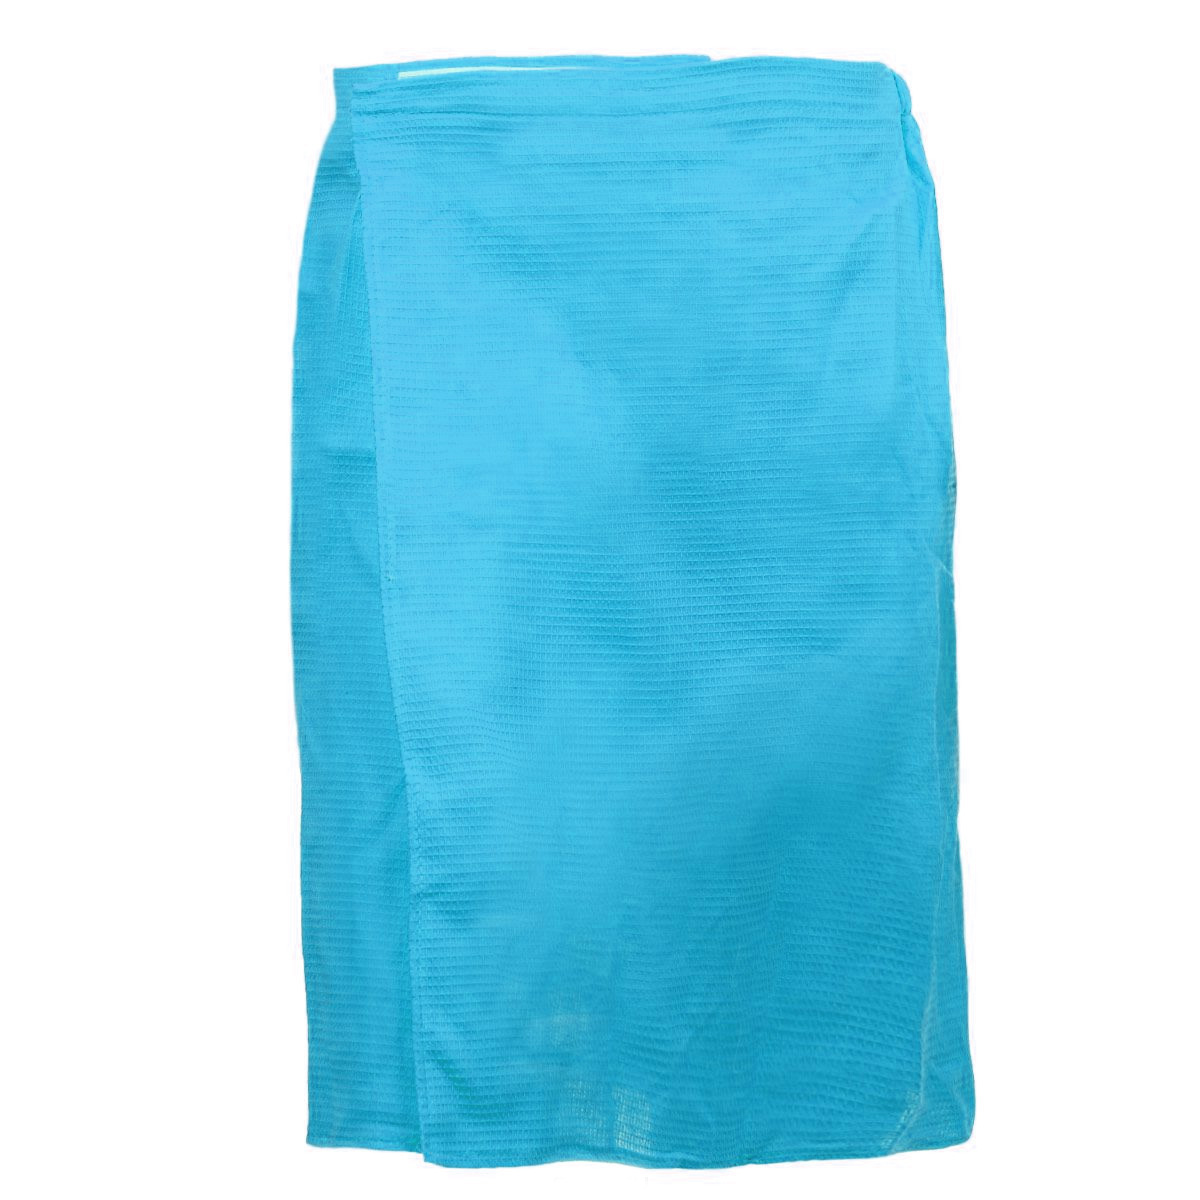 Килт для бани и сауны Банные штучки, мужской, цвет: голубой комплект вафельный банные штучки для женщин